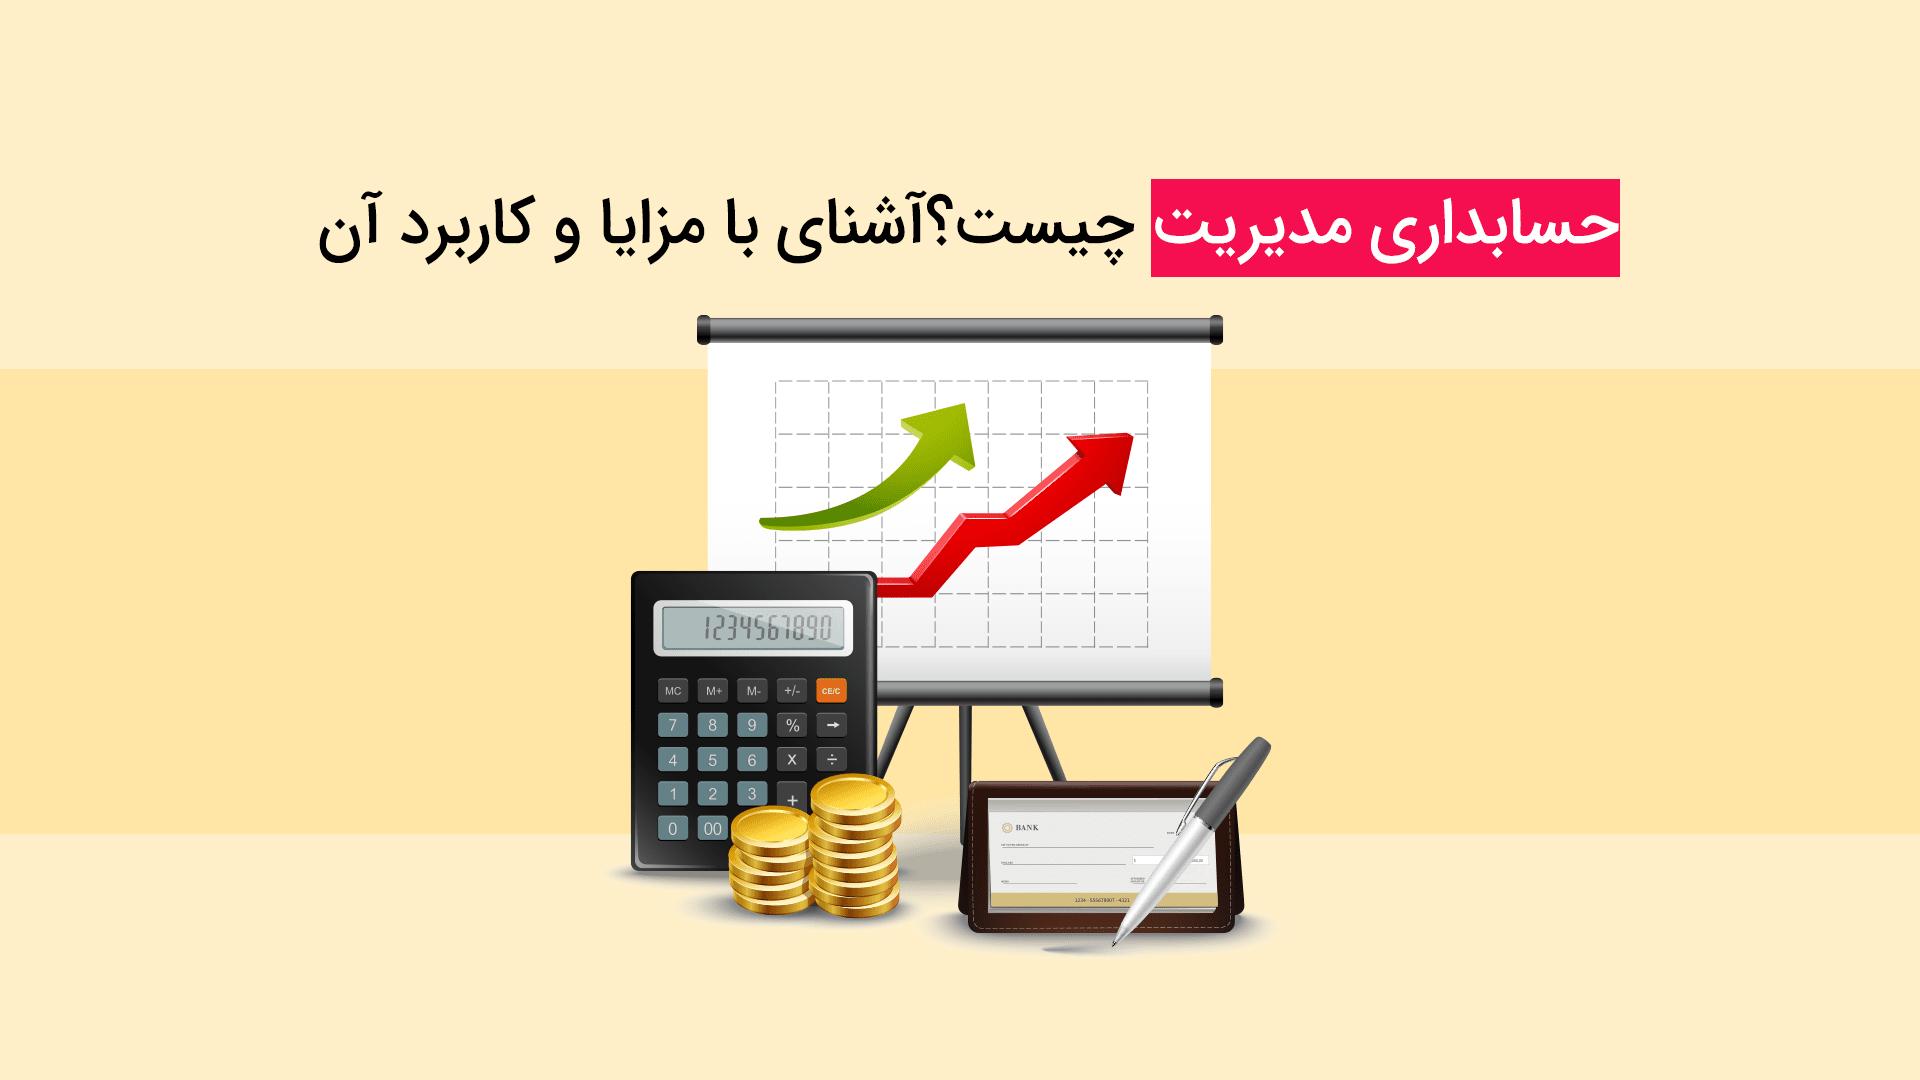 حسابداری مدیریت چیست؟ آشنایی با حسابداری مدیریت